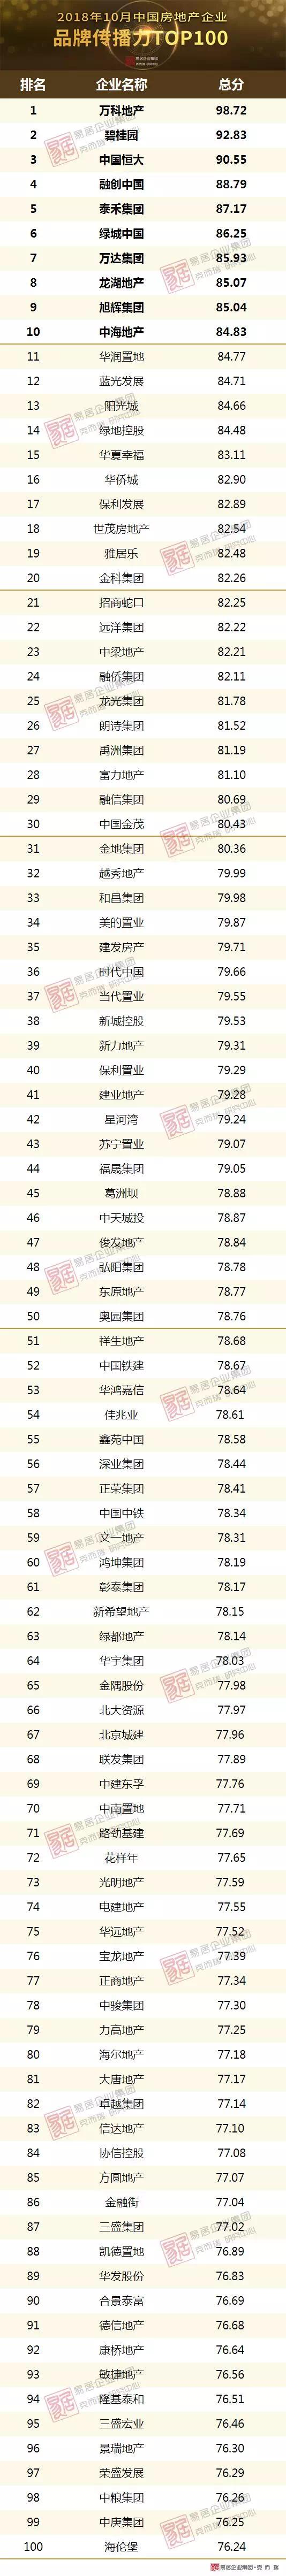 2018年10月中国房地产企业品牌传播力TOP100